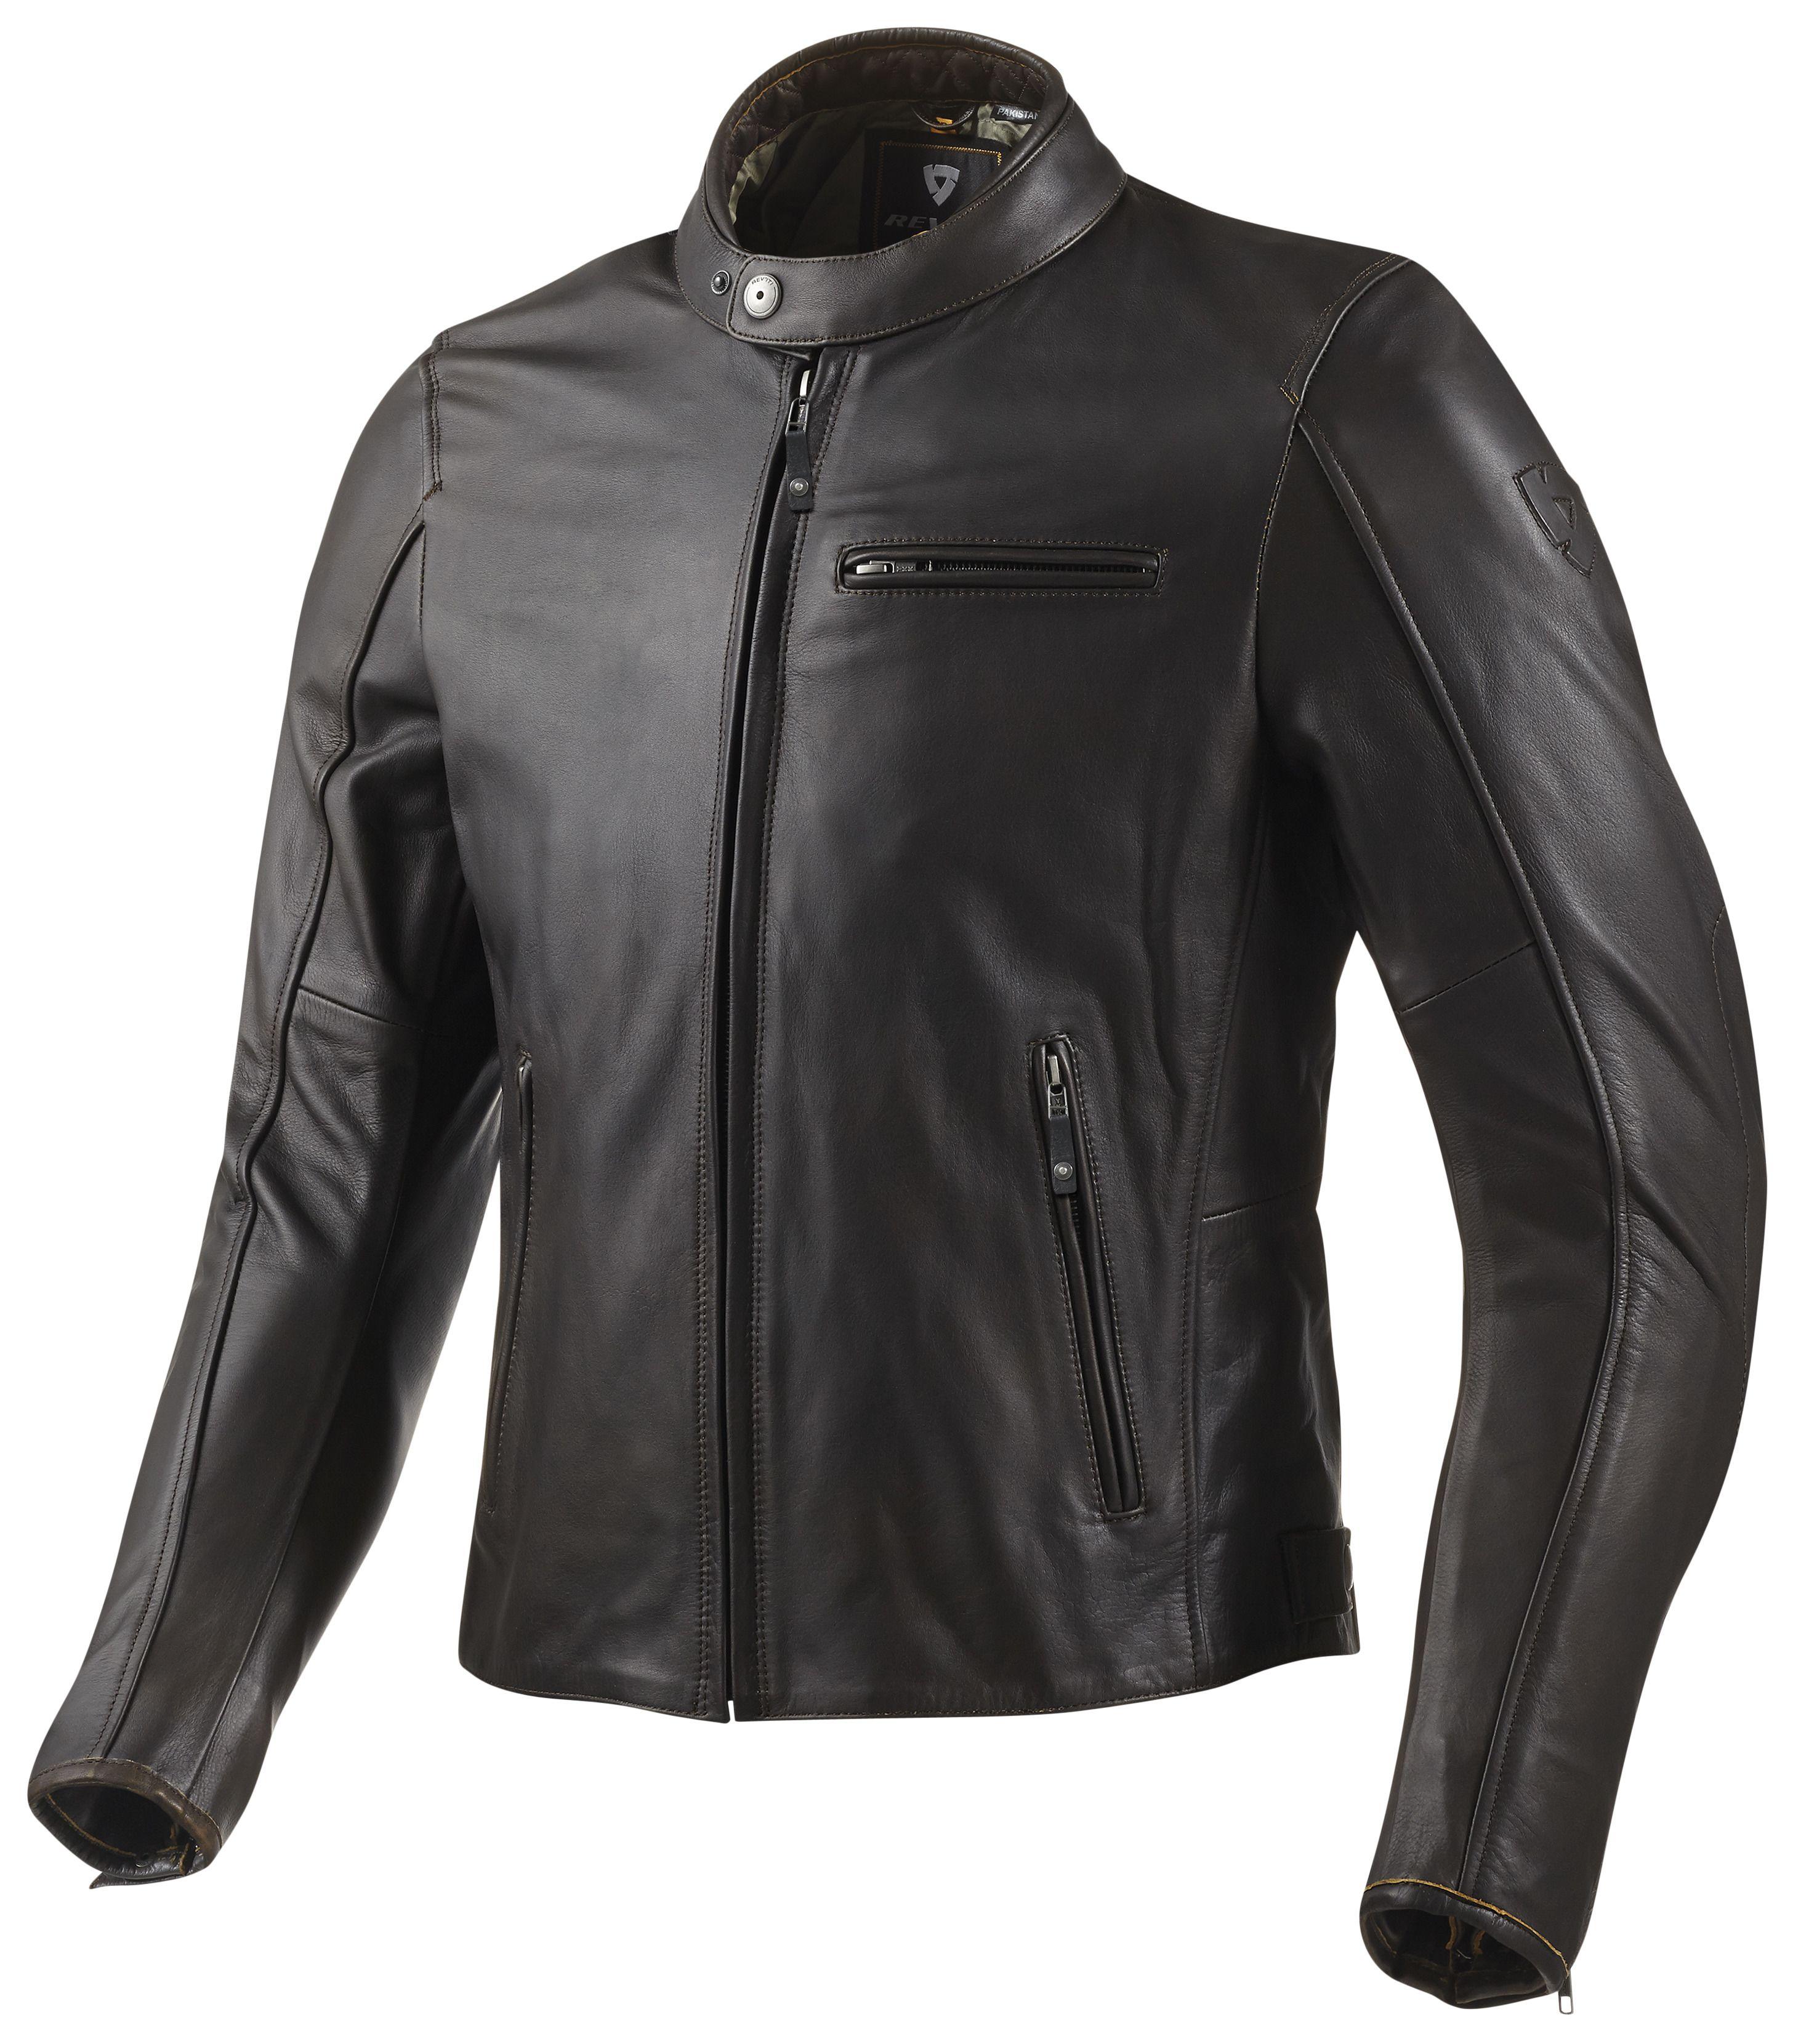 Leather jacket for motorcycle riding - Flatbush Leather Jacket Revzilla